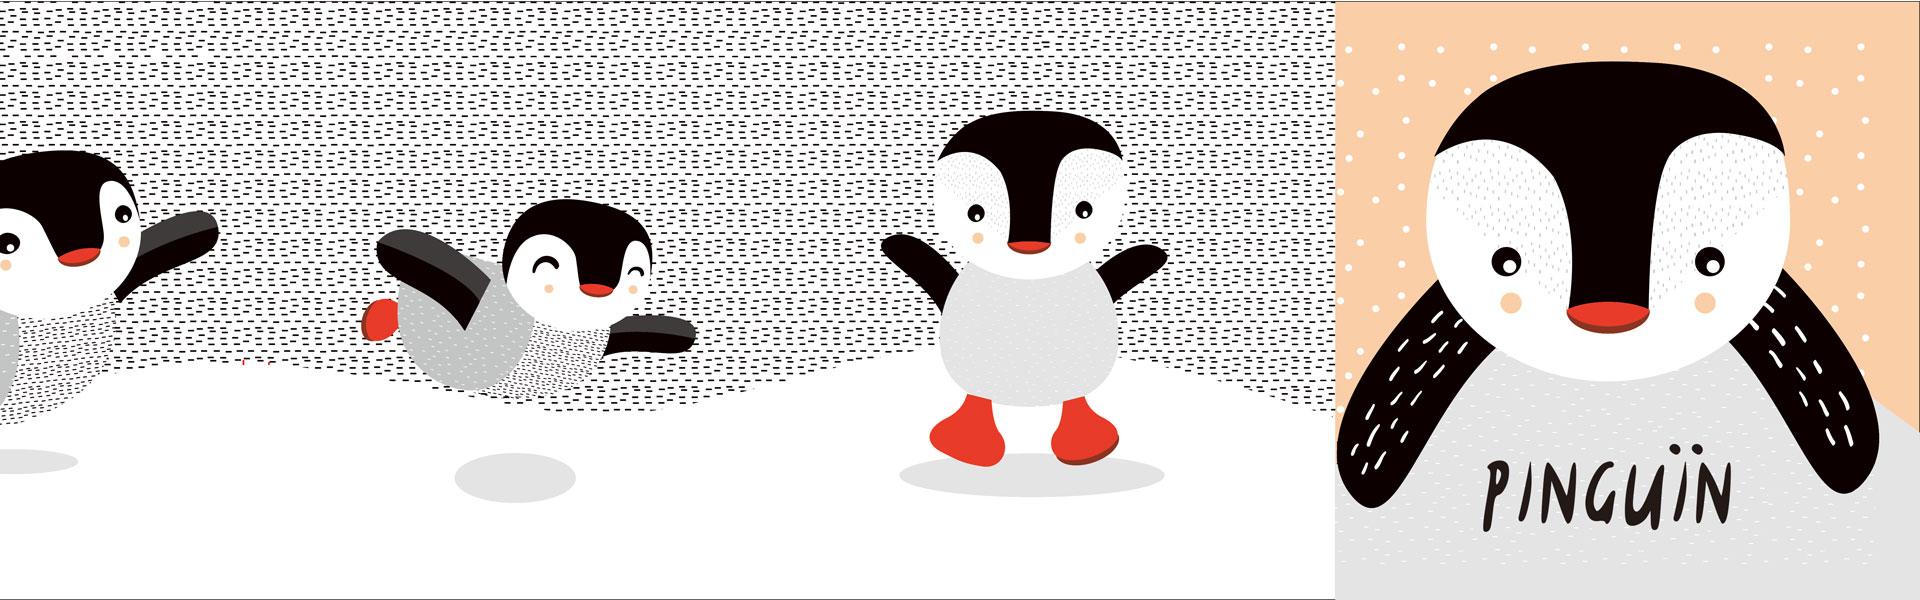 Knisperboek-Pinguin_Wee-Gallery